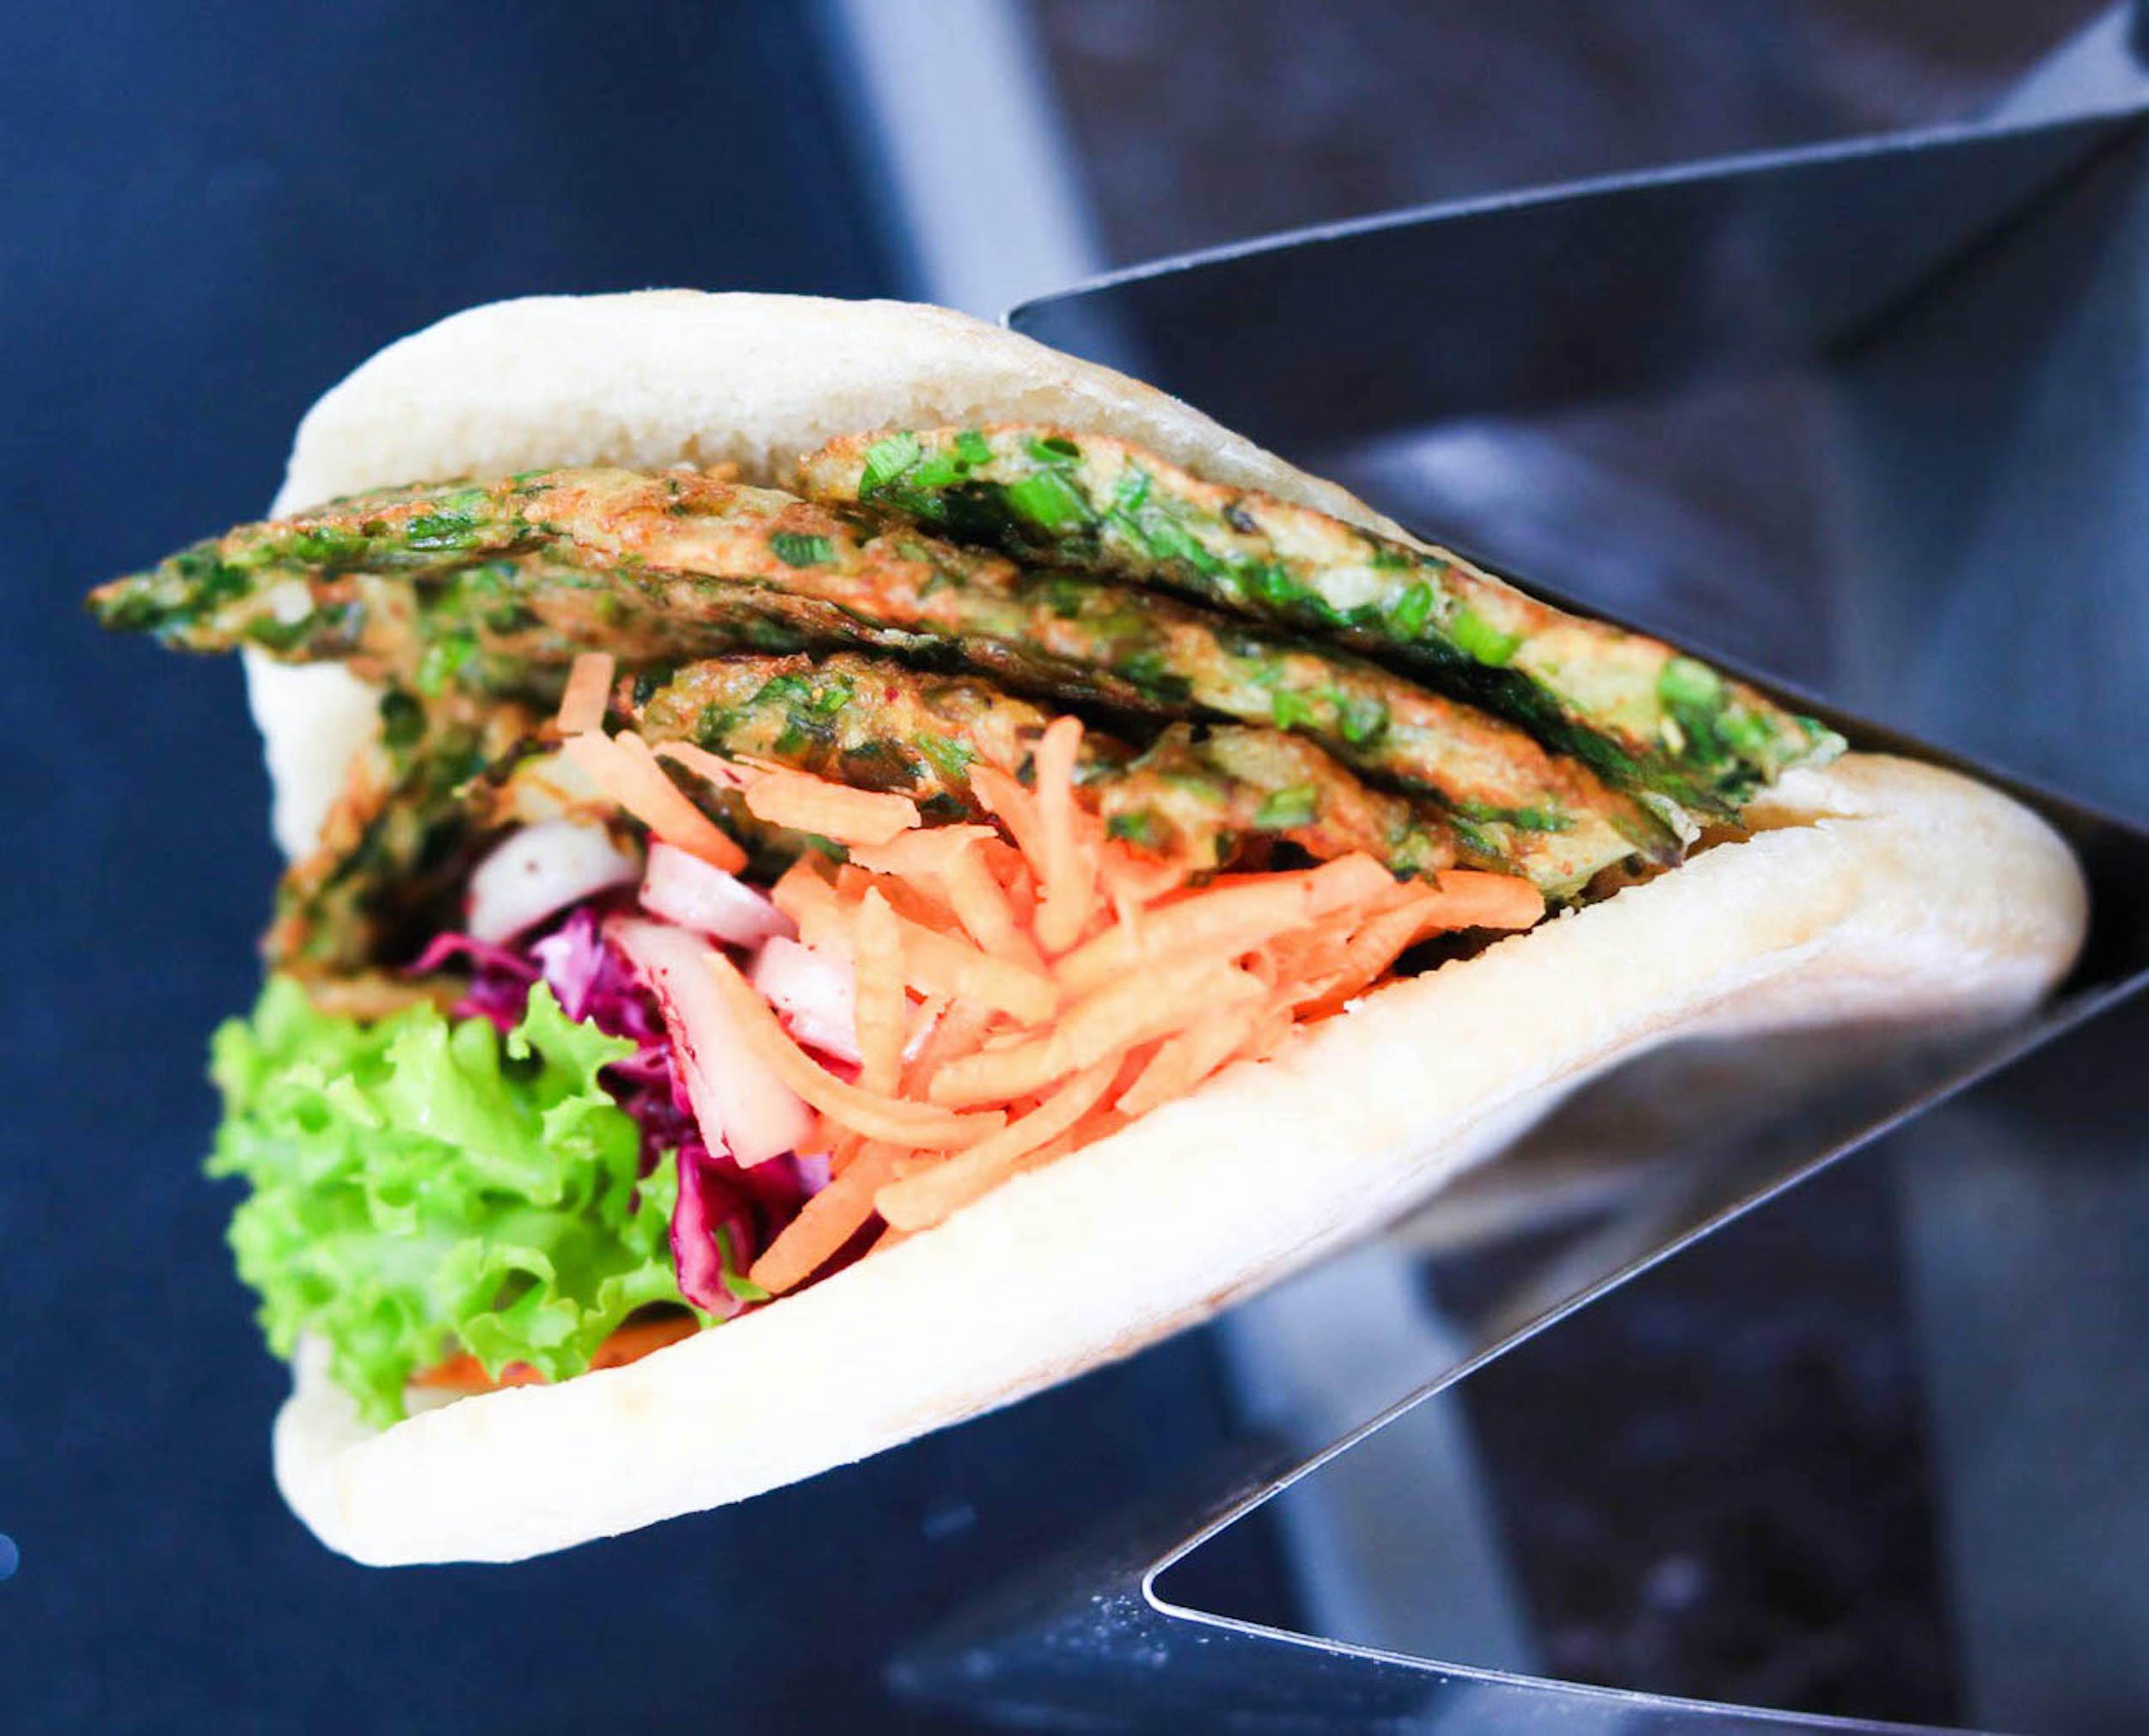 Green Omelet Sandwich